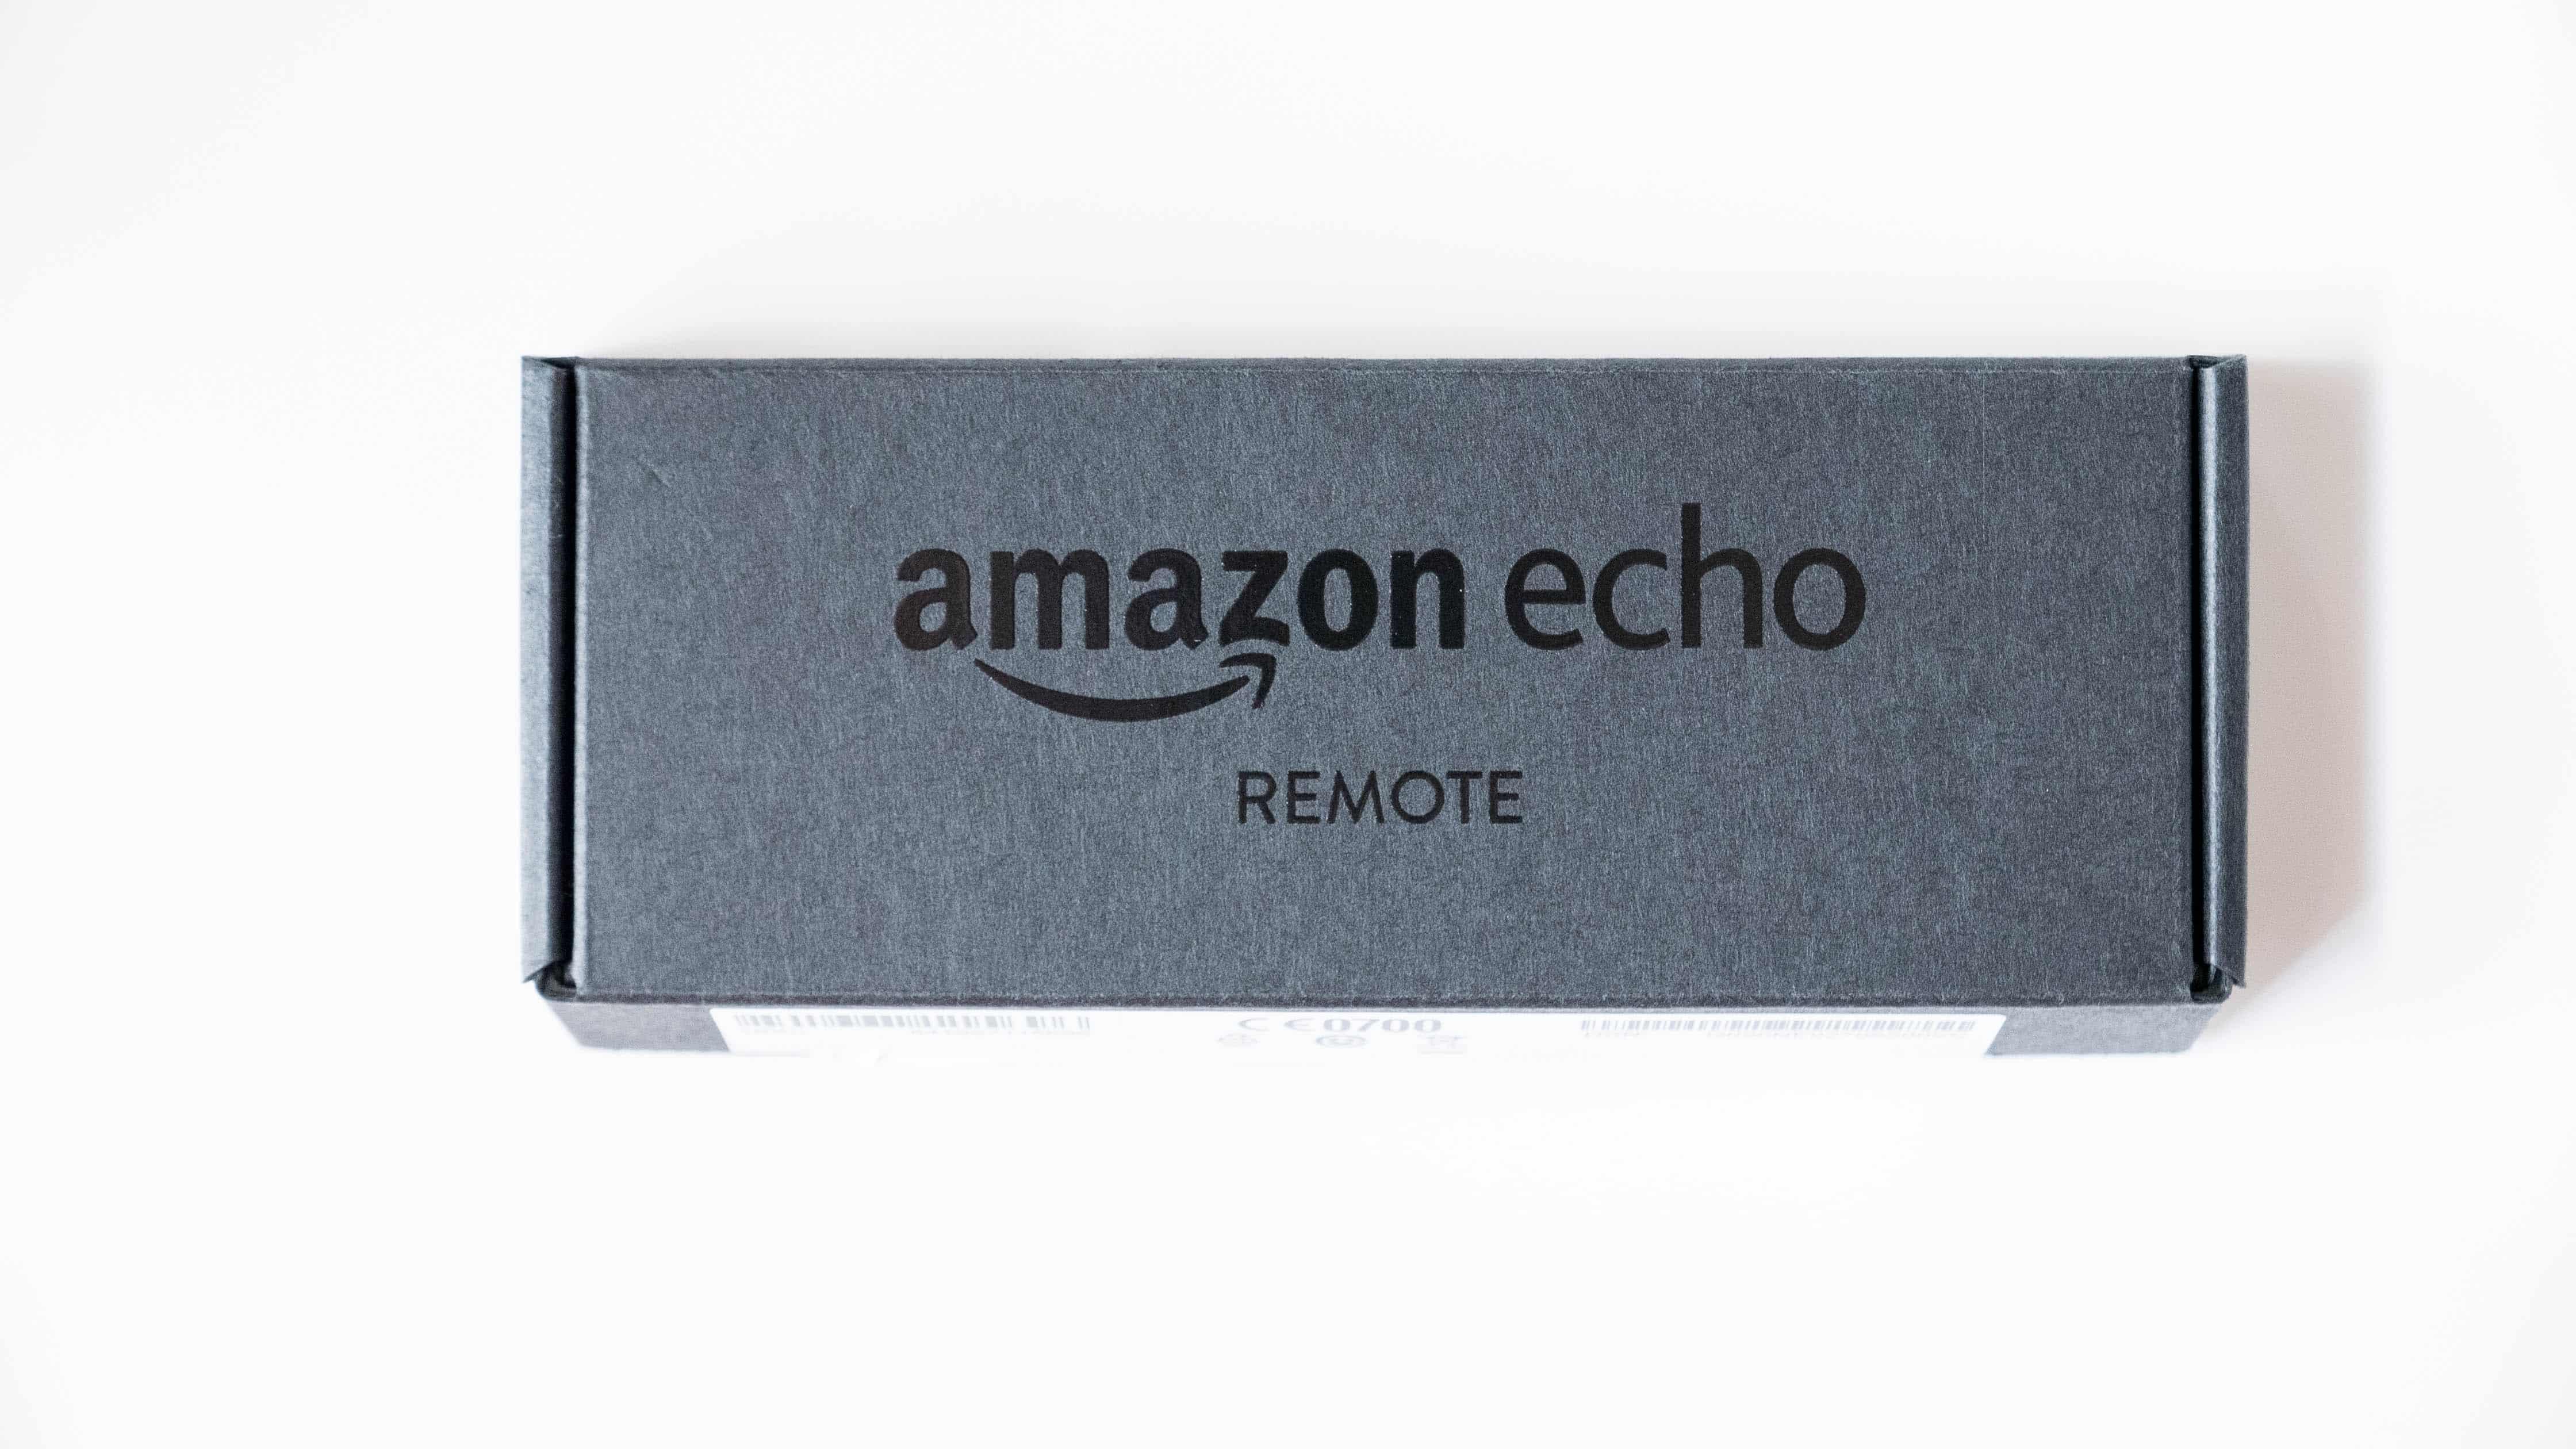 Amazon-Alexa-Sprachfernbedienung-Verpackung